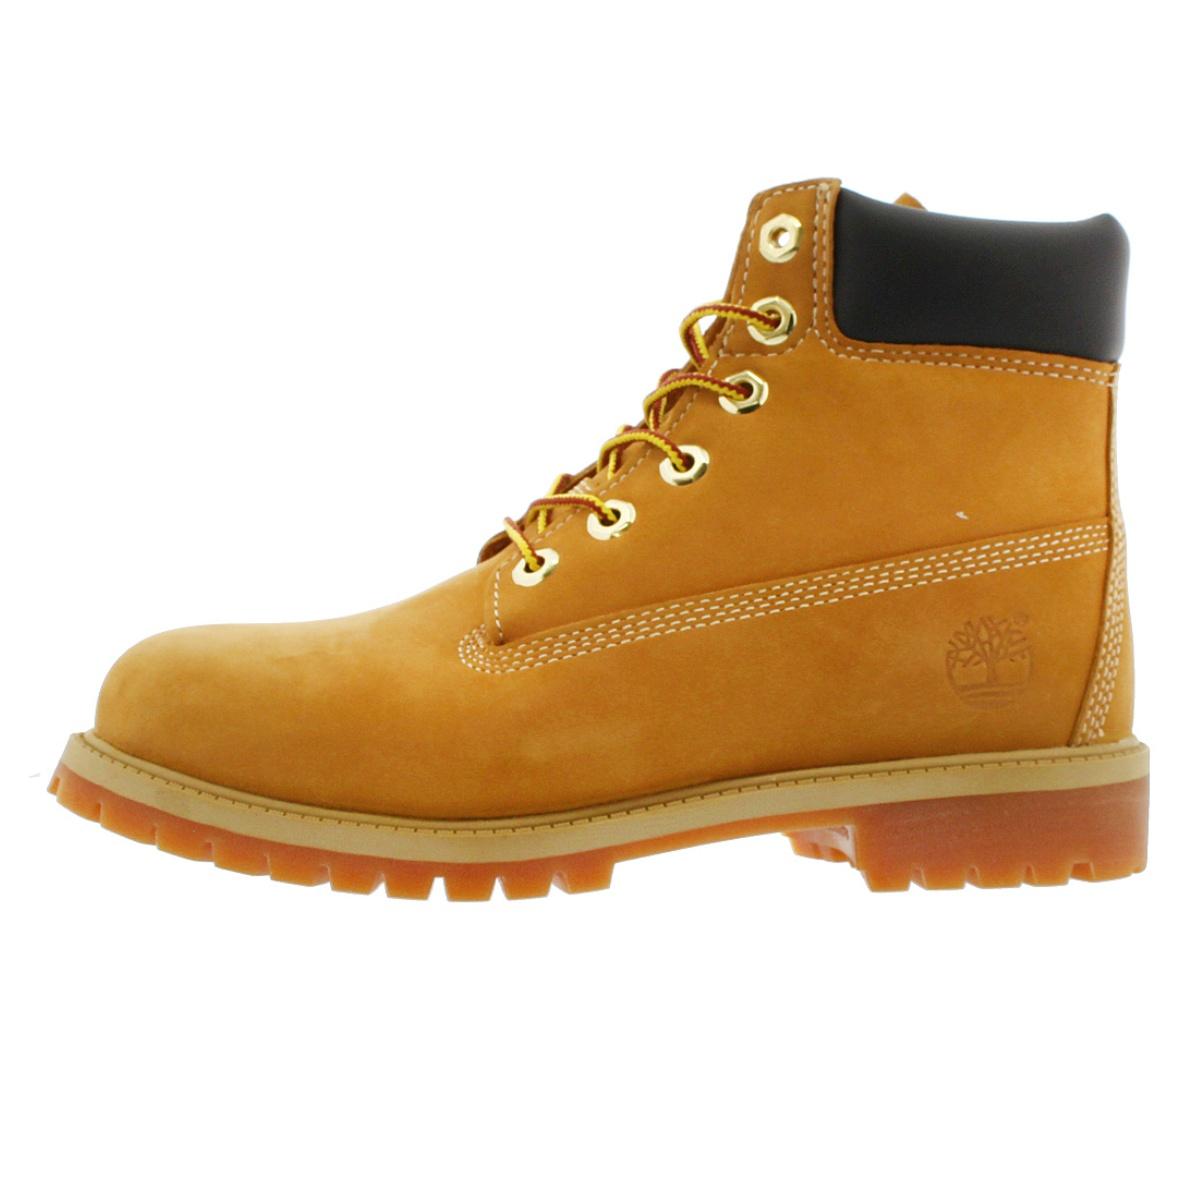 6Inch PREMIUM BOOT TIMBERLAND Timberland 6 inch premium boots WEHAT